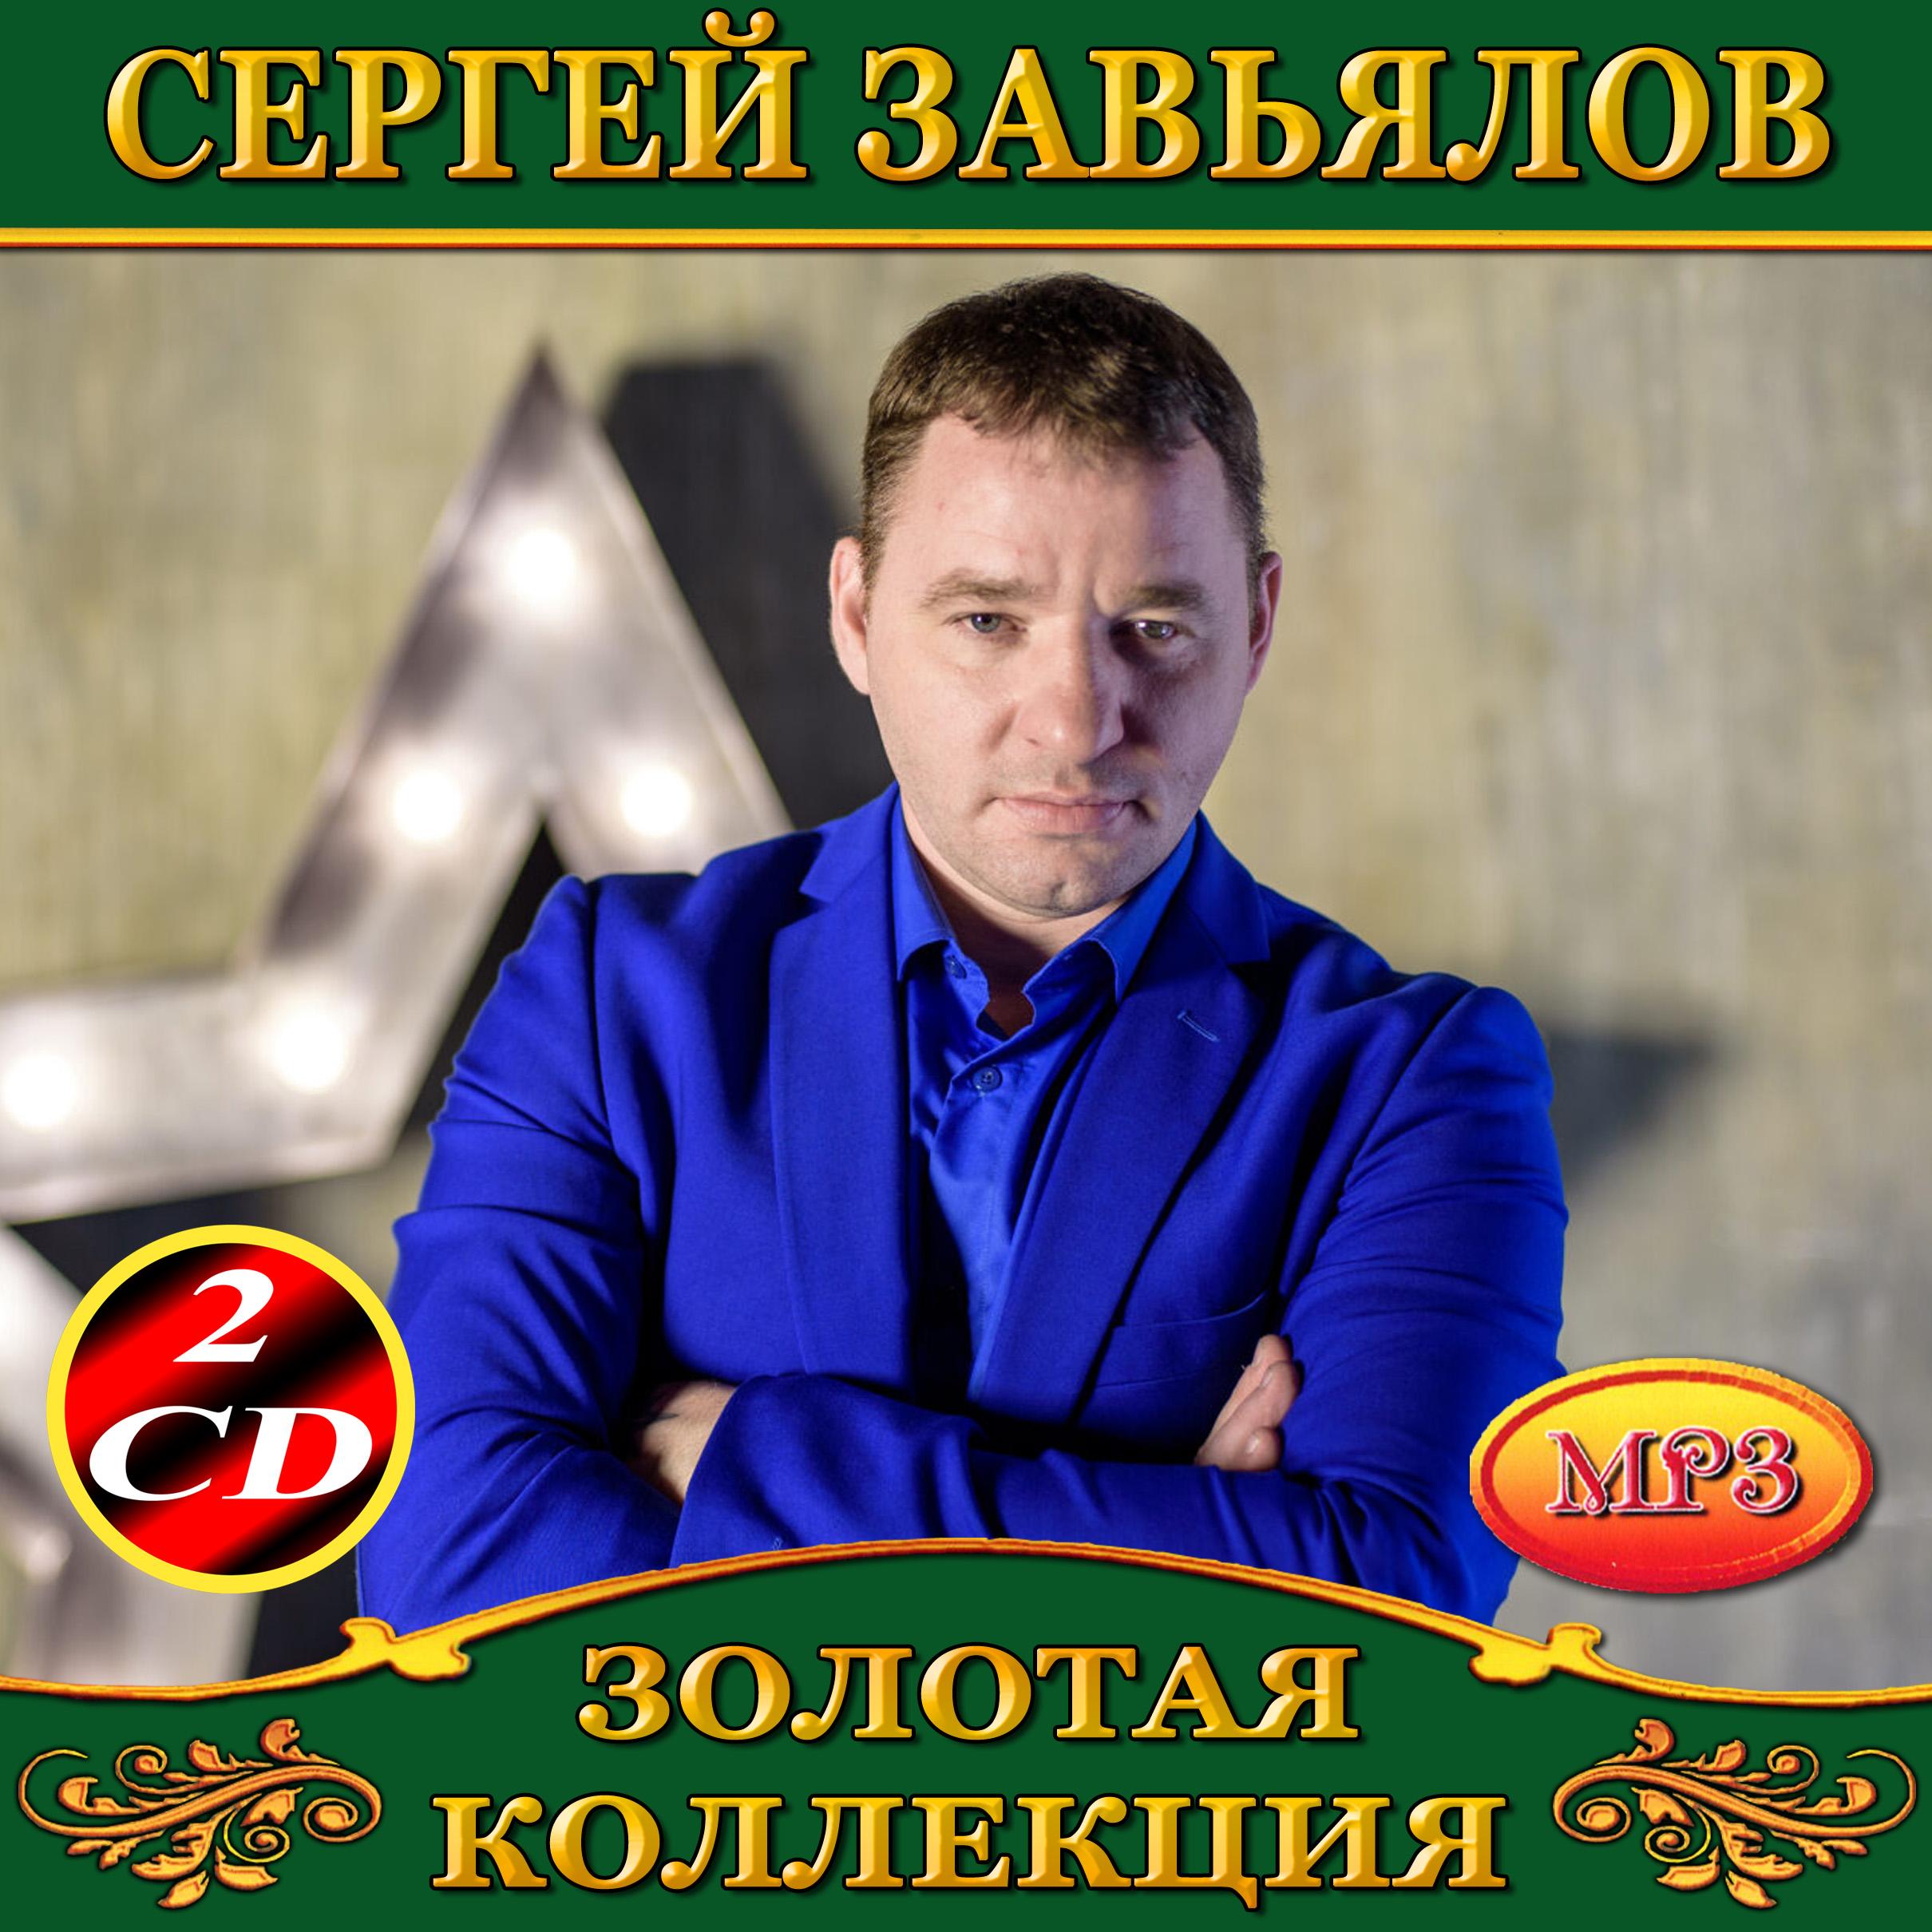 Сергей Завьялов 2cd [mp3]